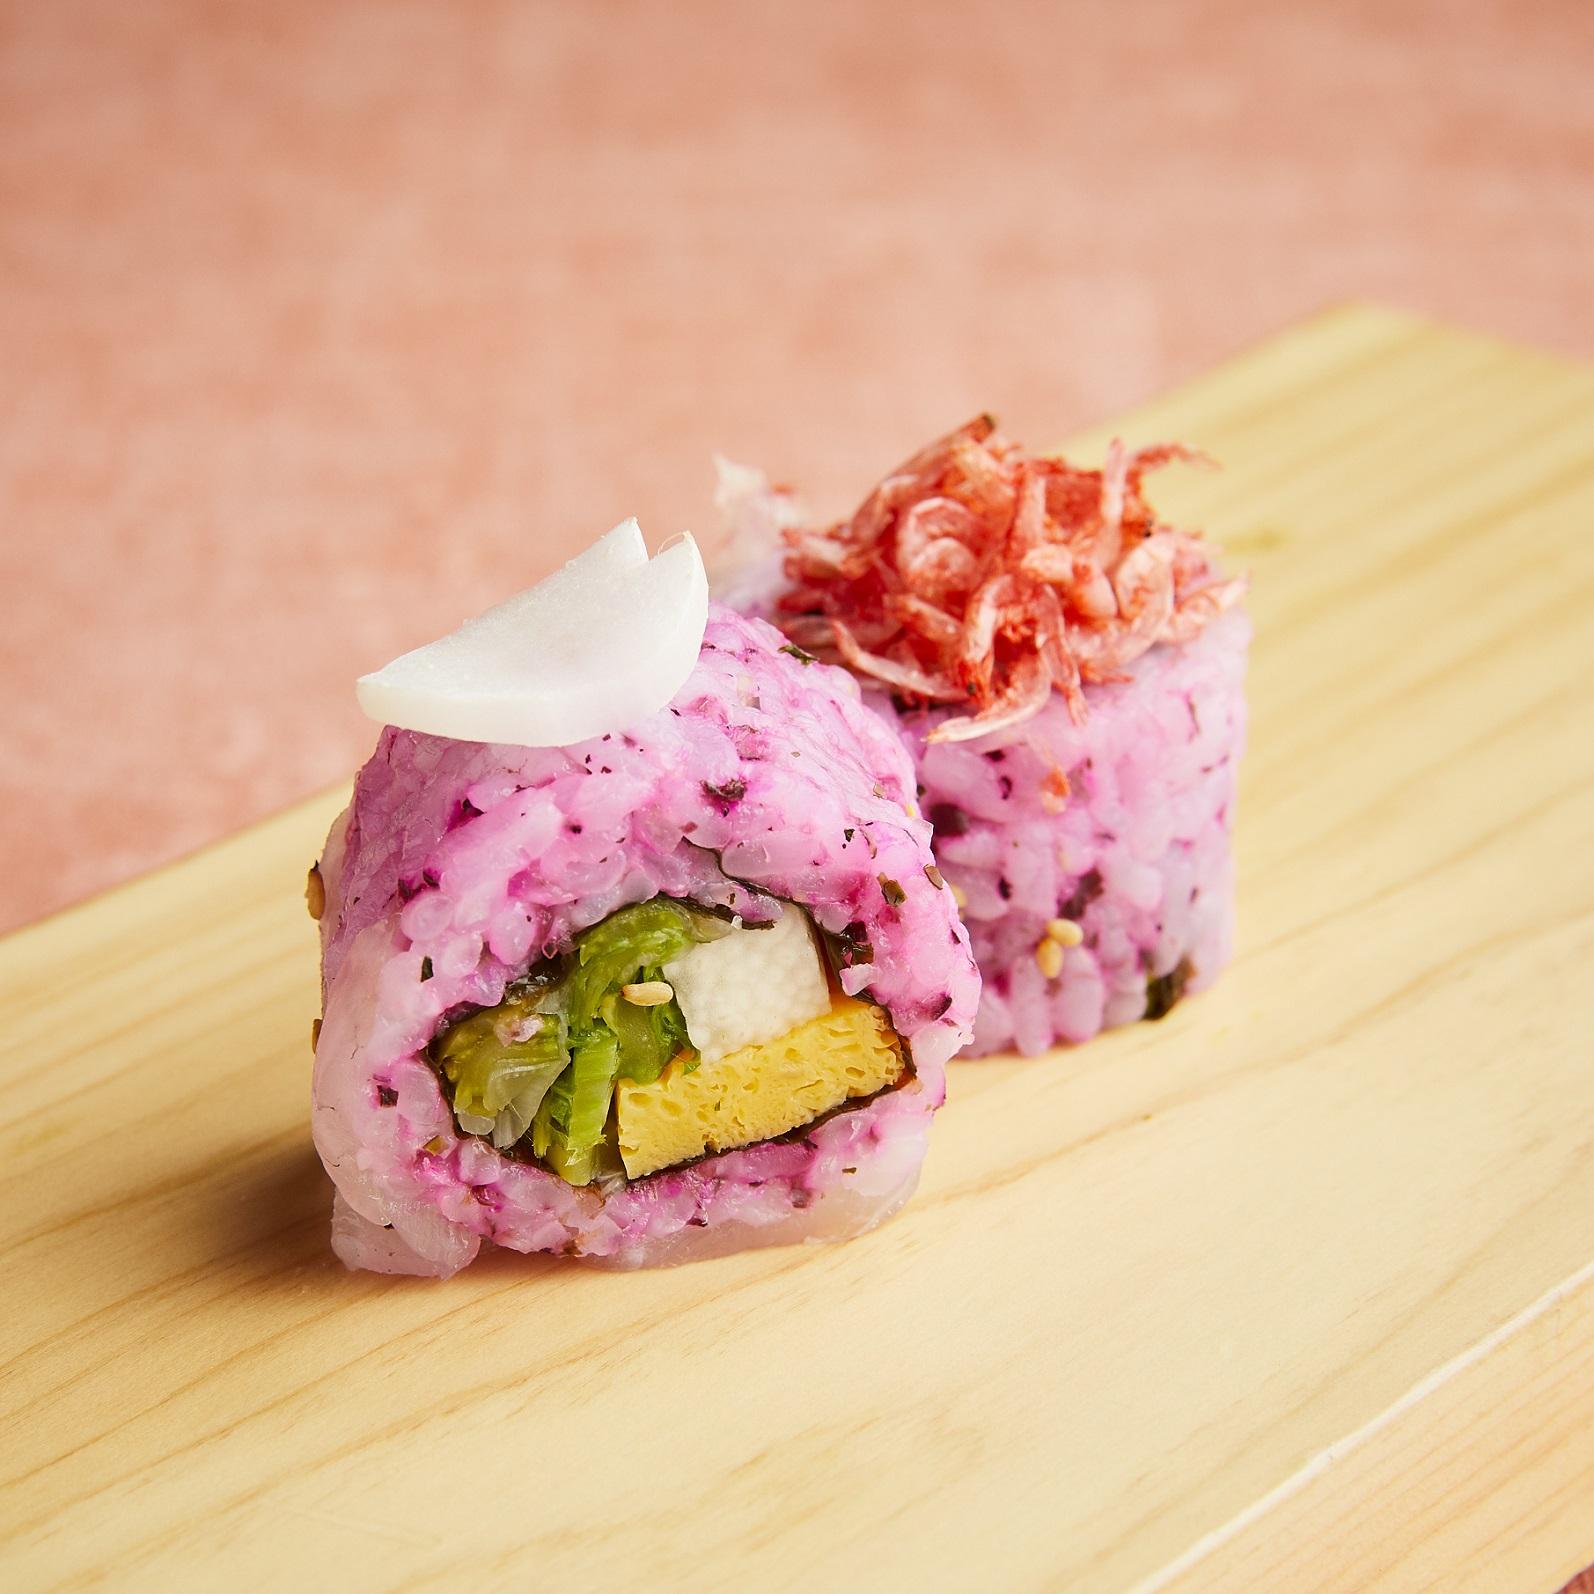 shari-the-tokyo-sushi-bar%e5%a3%bd%e5%8f%b8%e6%9d%b1%e4%ba%ac-%e5%af%bf%e5%8f%b8%e6%9d%b1%e4%ba%ac_%e3%80%8c%e6%a1%9c%e6%b5%b7%e8%80%81%e3%83%ad%e3%83%bc%e3%83%ab%e3%80%8d